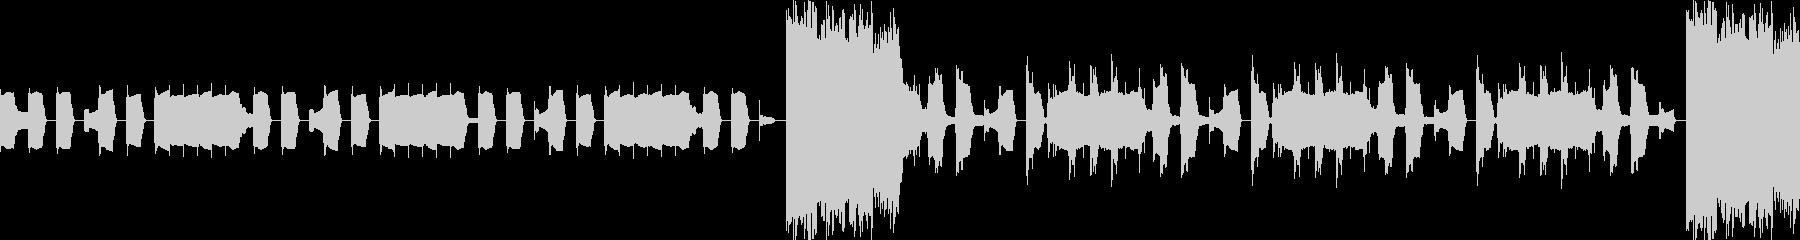 洞窟、ダンジョン、暗く切ない曲ループdの未再生の波形